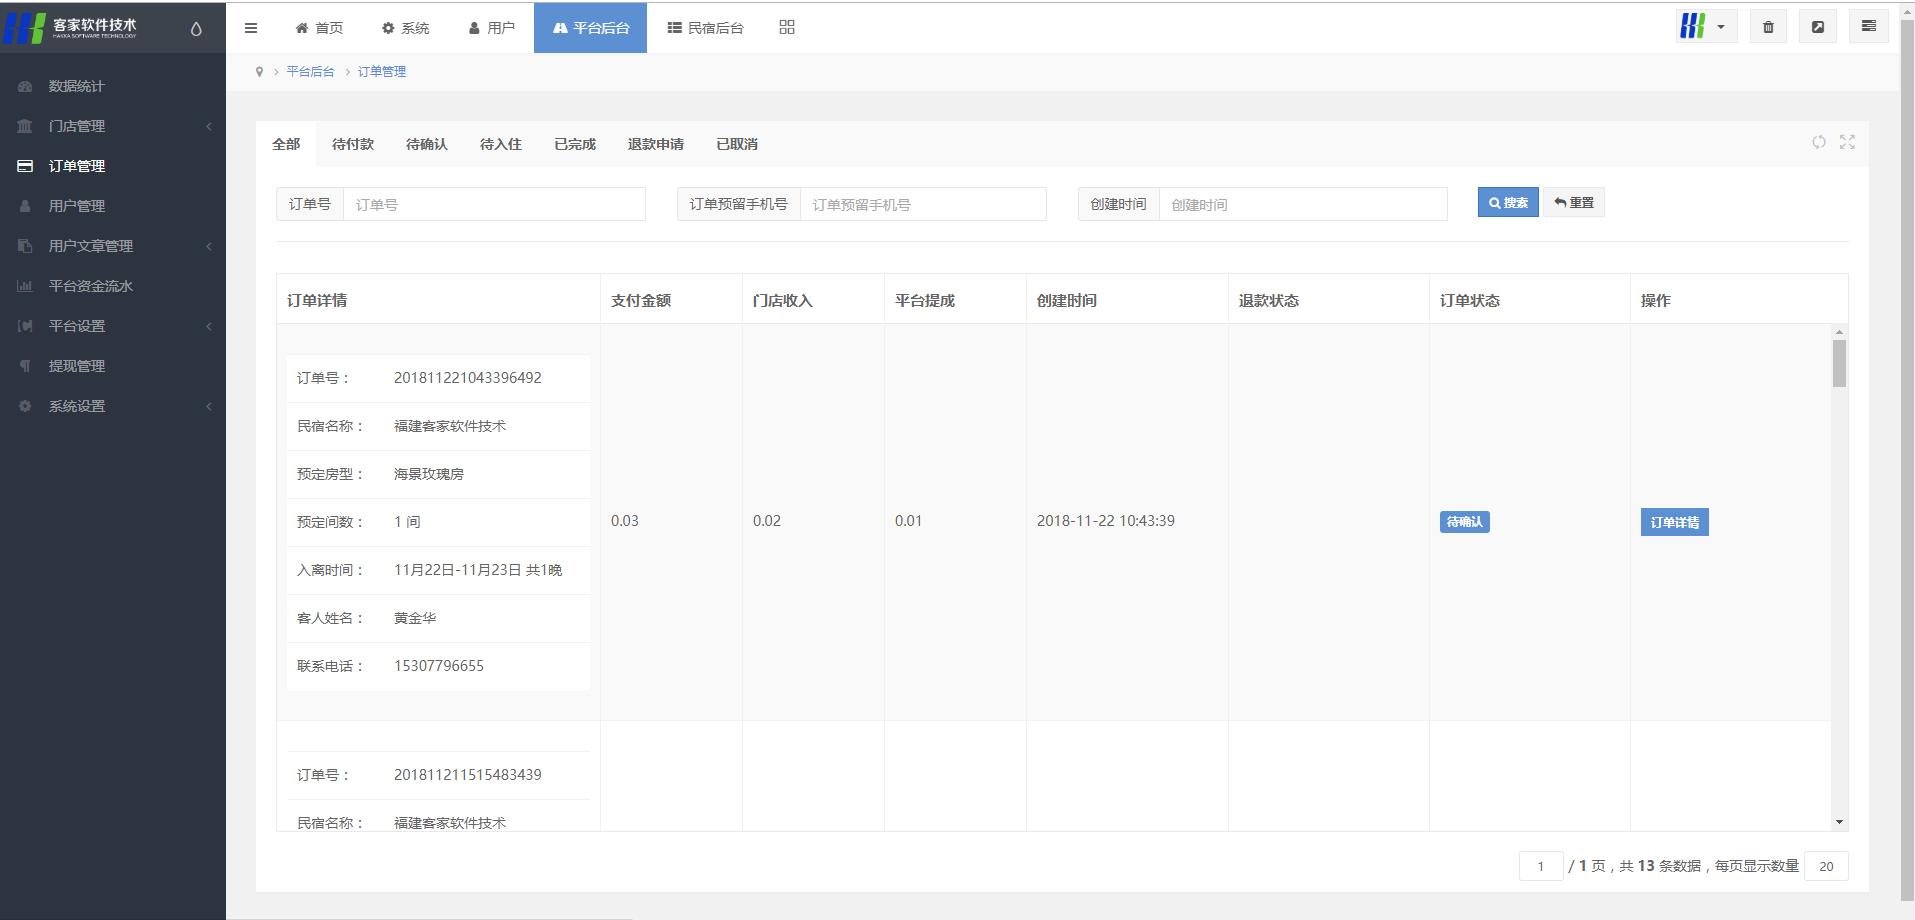 h1 仿花筑旅行app酒店民宿微信小程序 客家雅居酒店民宿系统上线